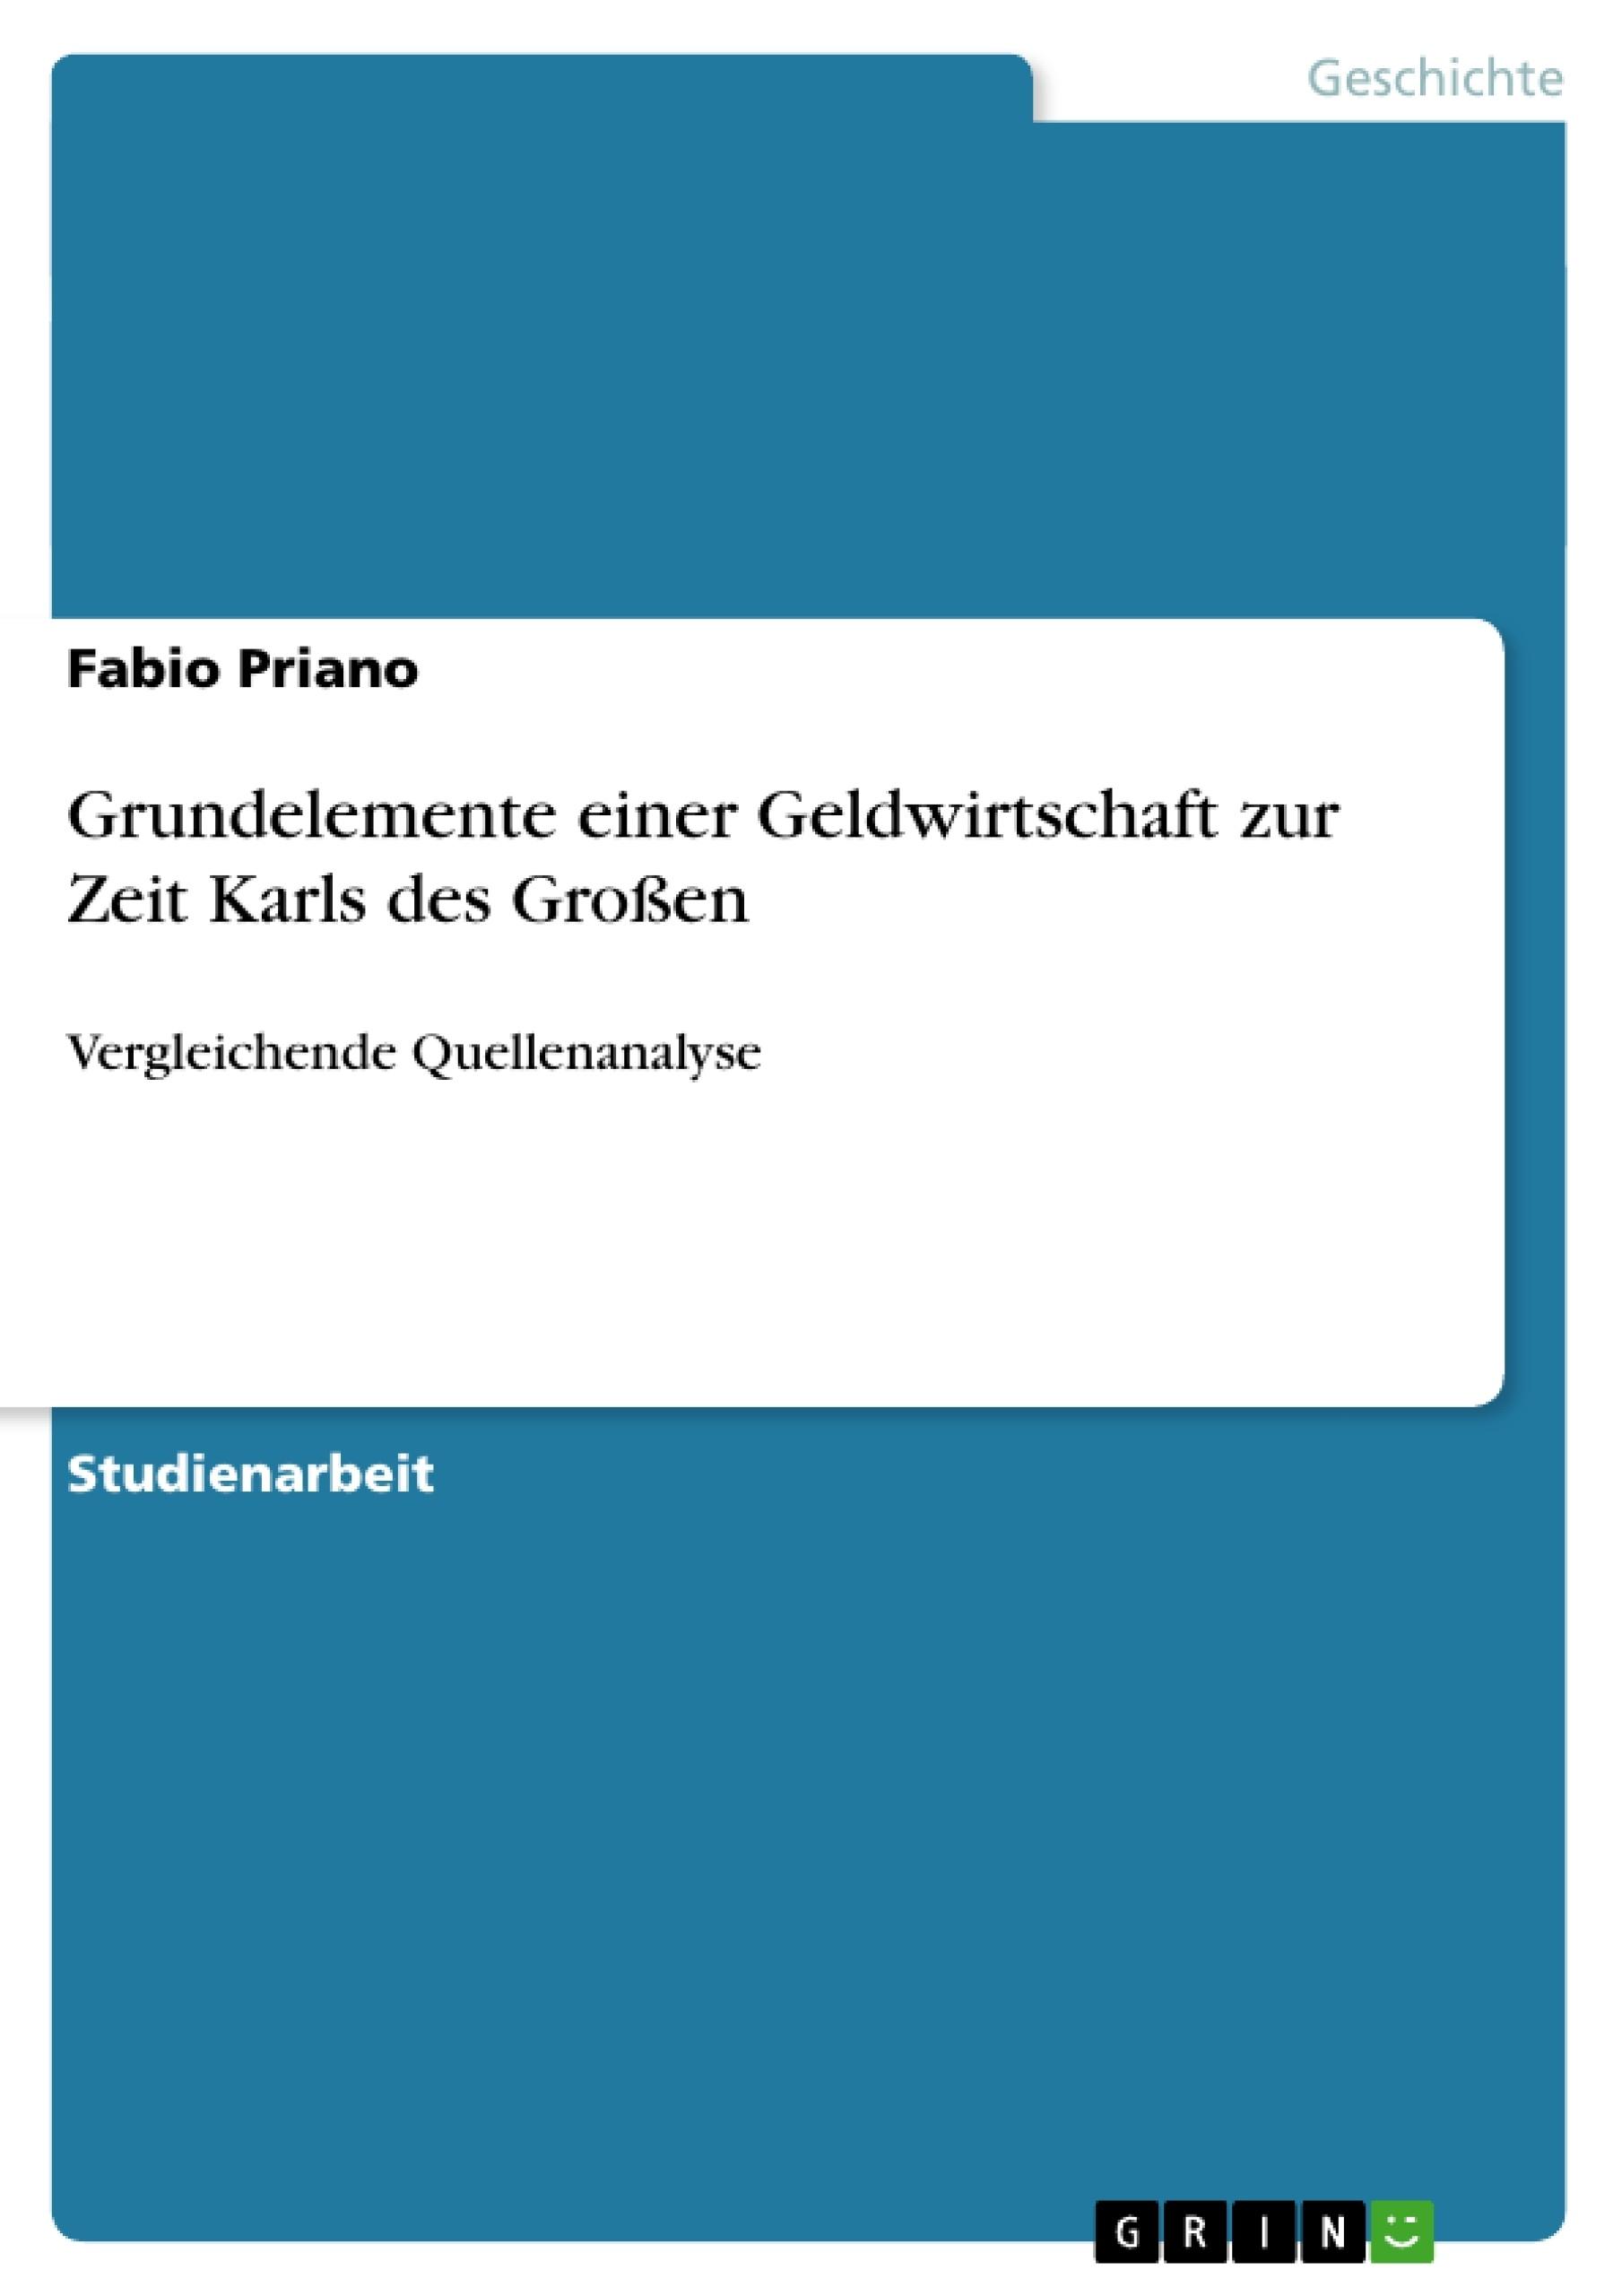 Titel: Grundelemente einer Geldwirtschaft zur Zeit Karls des Großen